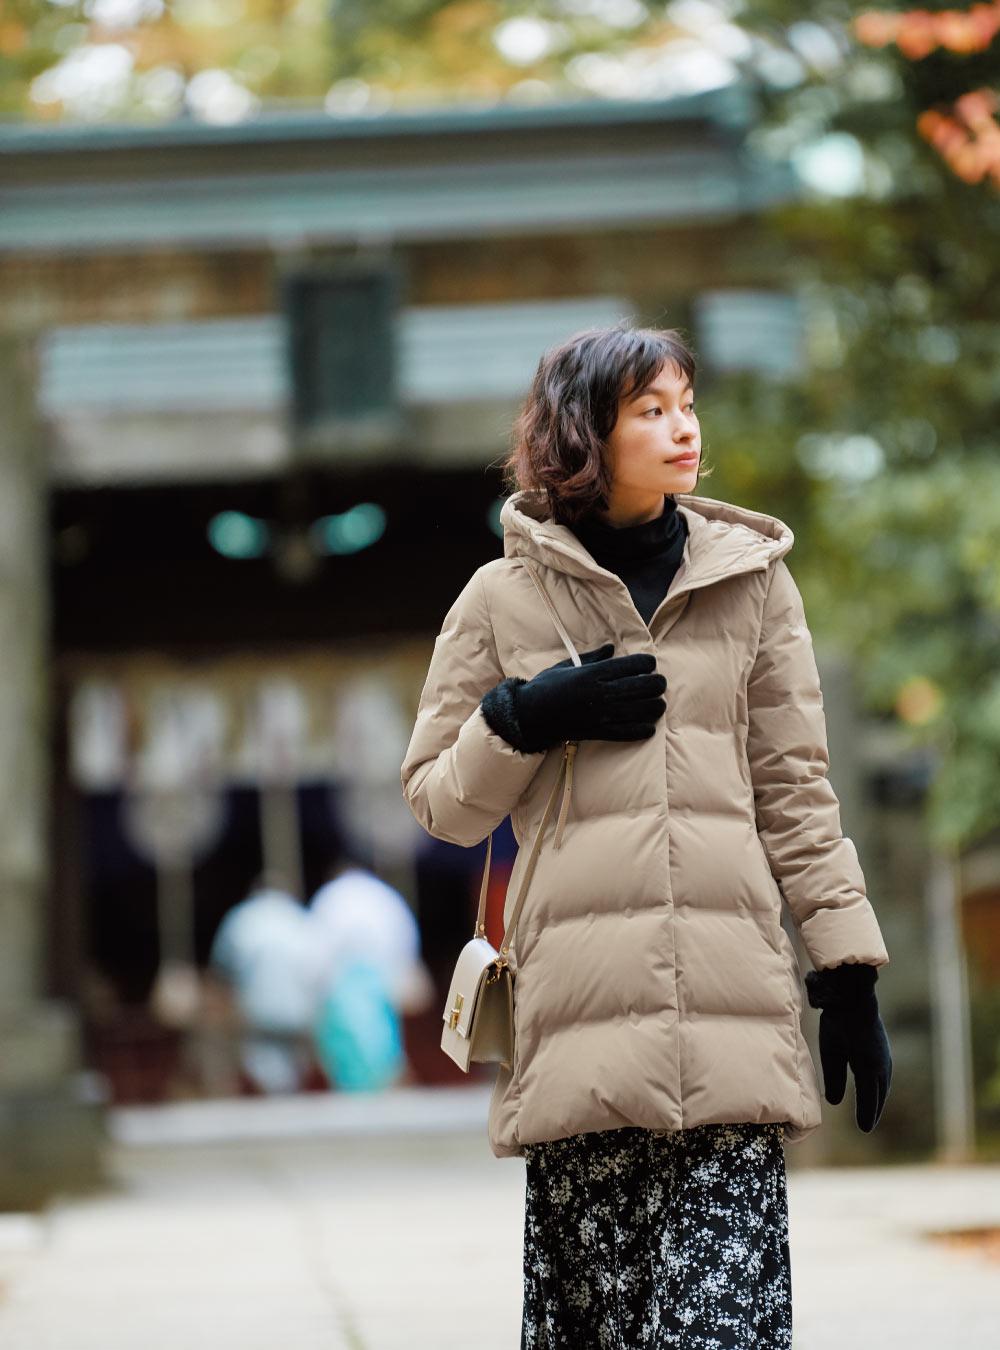 ヒートテックエクストラウォームタートルネックT¥1,500 ヒートテックライナーファータッチカフスグローブ¥1,500 コート¥14,900 スカート¥2,990(以上UNIQLO) バッグはスタイリスト私物